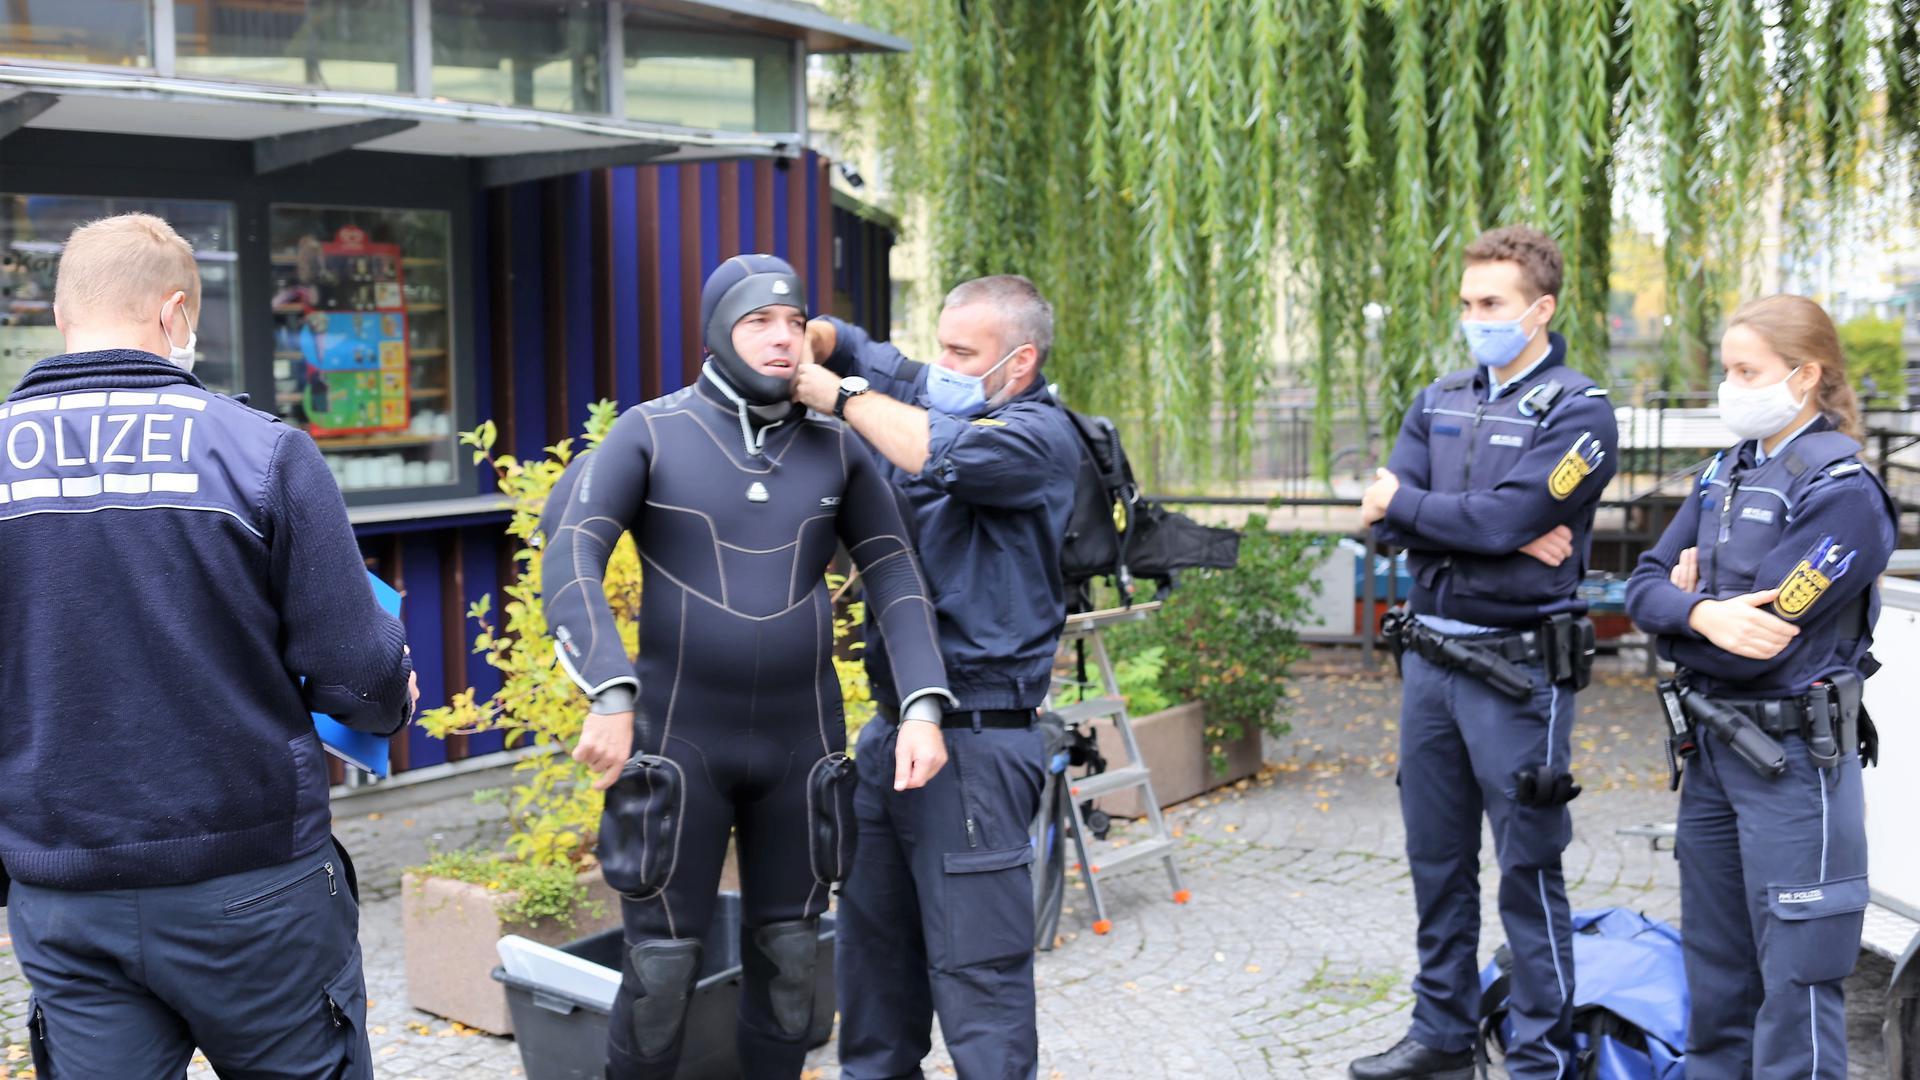 Polizei Pforzheim